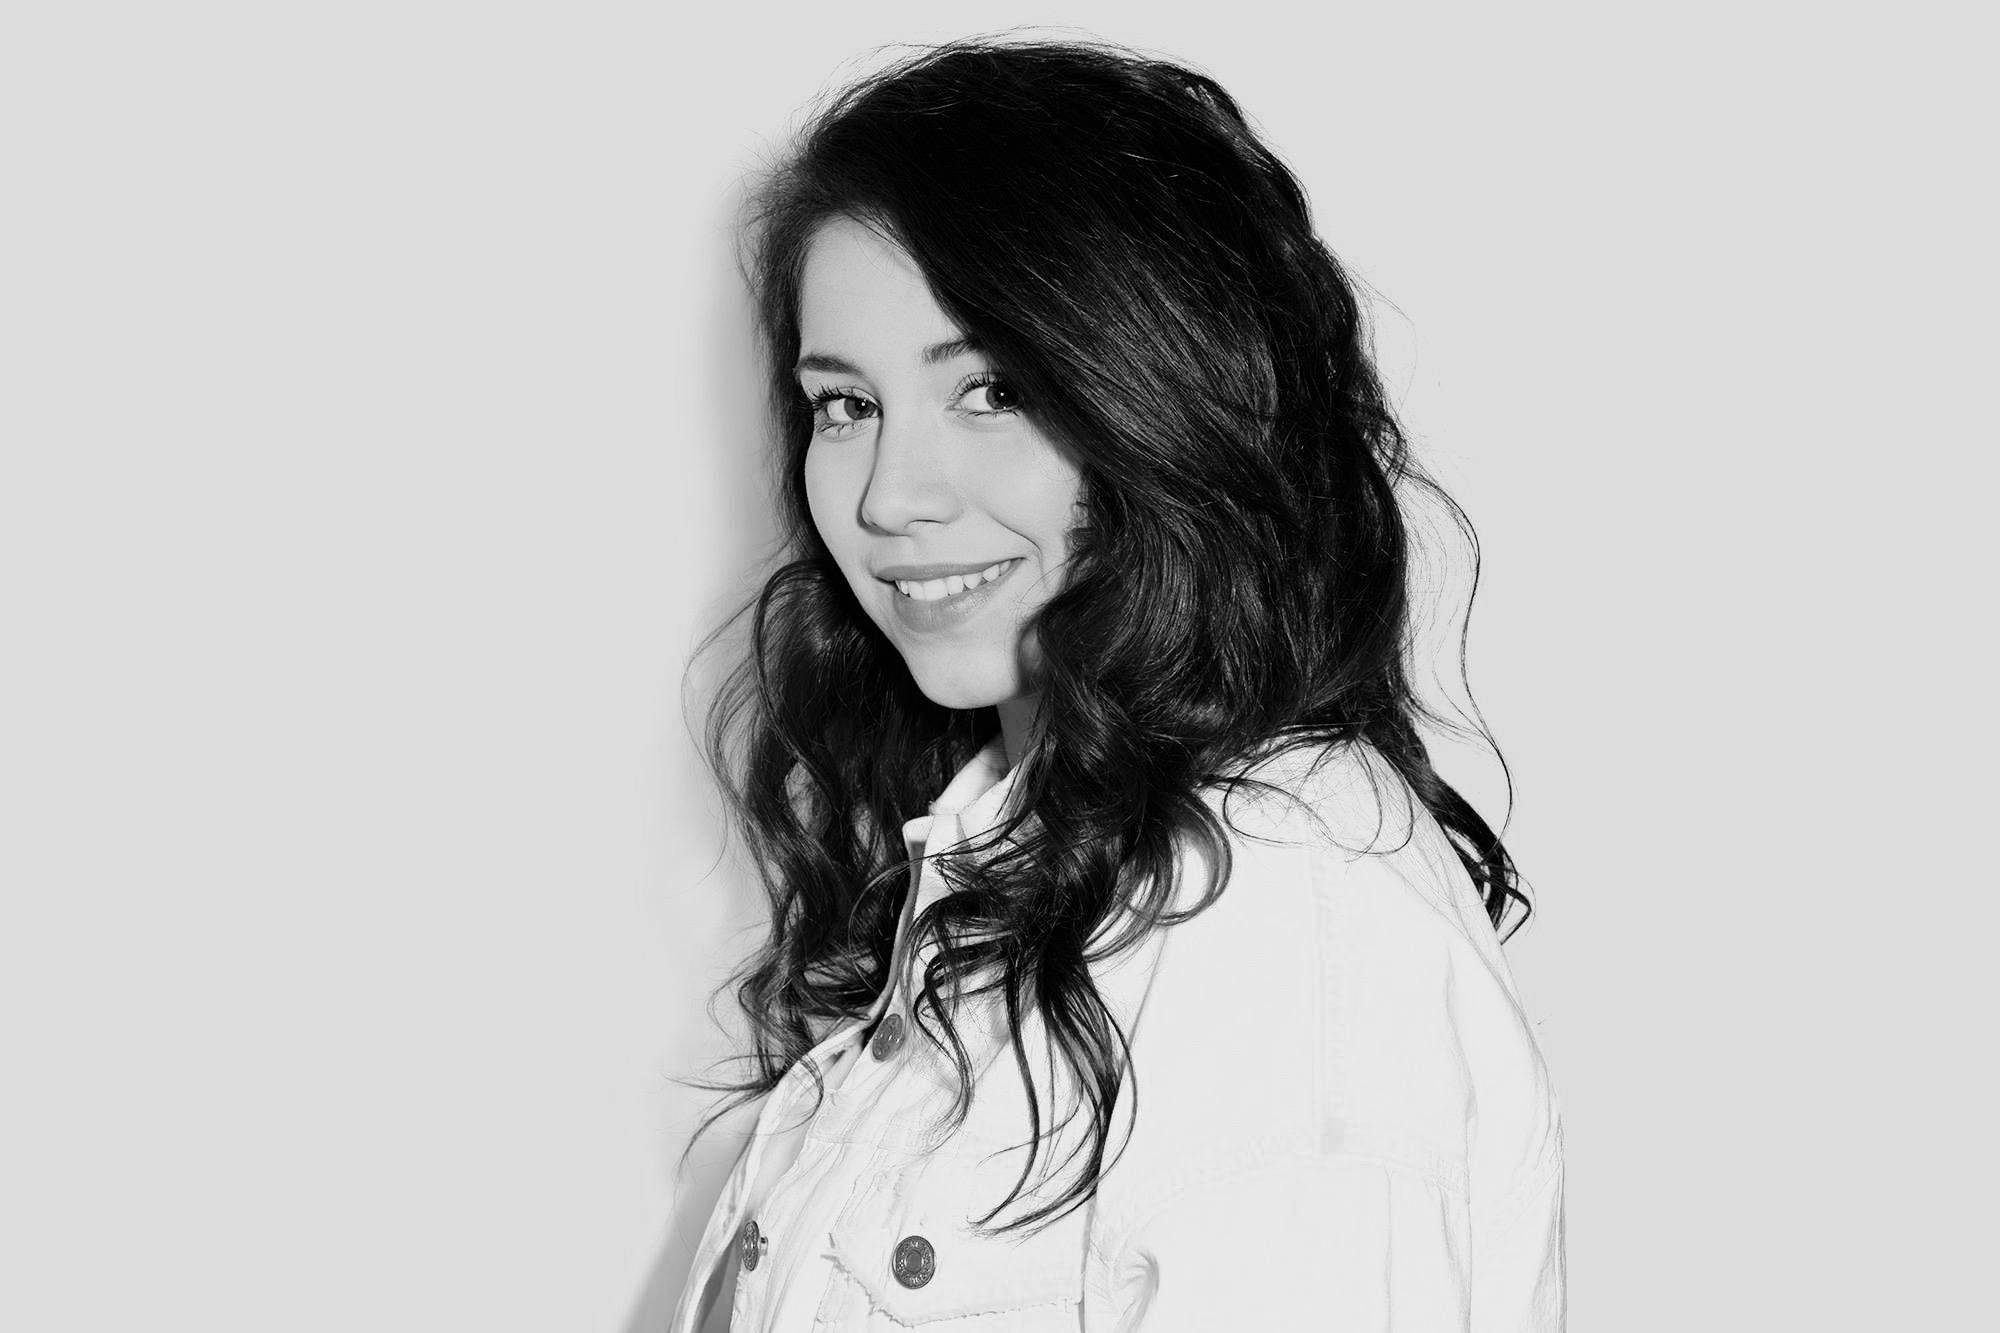 Nadine El-Whidi